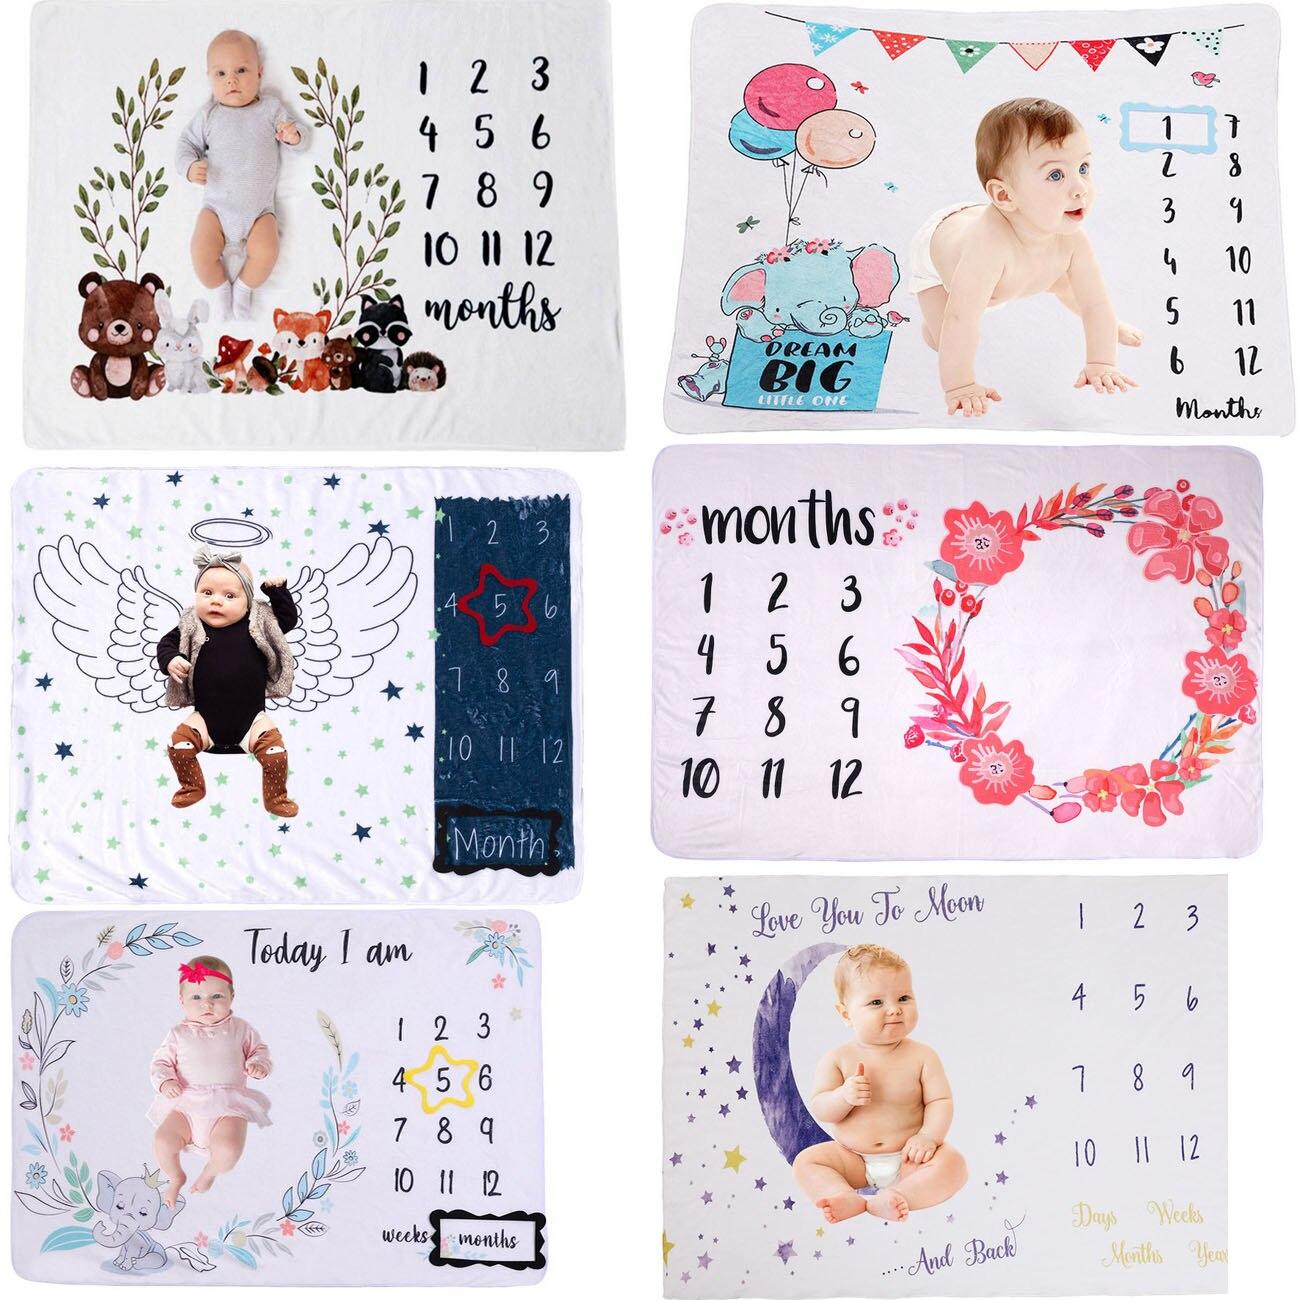 Детские ежемесячно веху одеяла мягкие цветочные памяти одеяла для девочек и мальчиков с милыми фото одеяла для заднего фона игровые коврик...